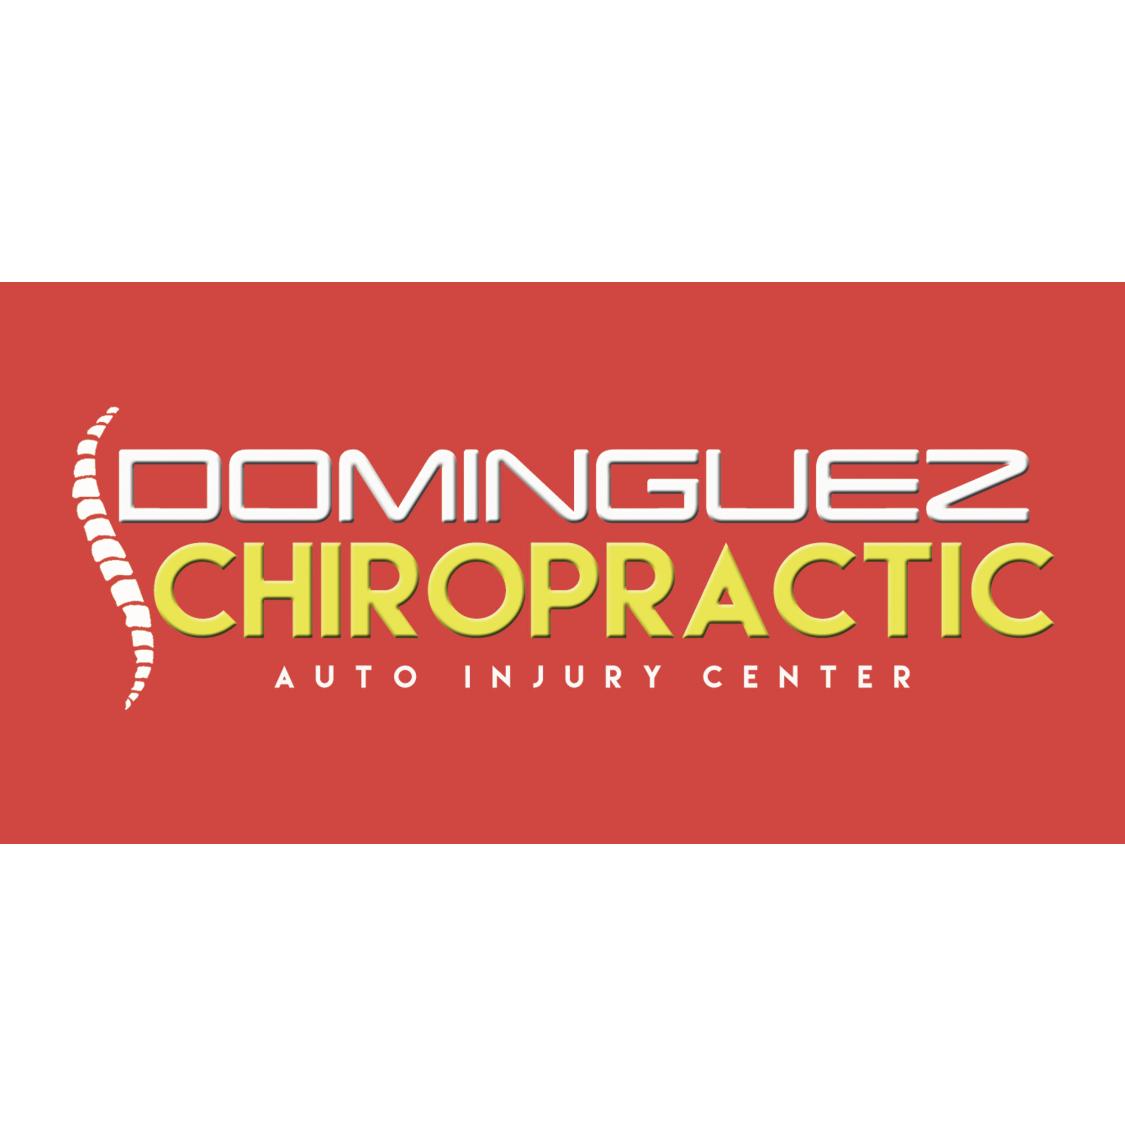 Dominguez Chiropractic